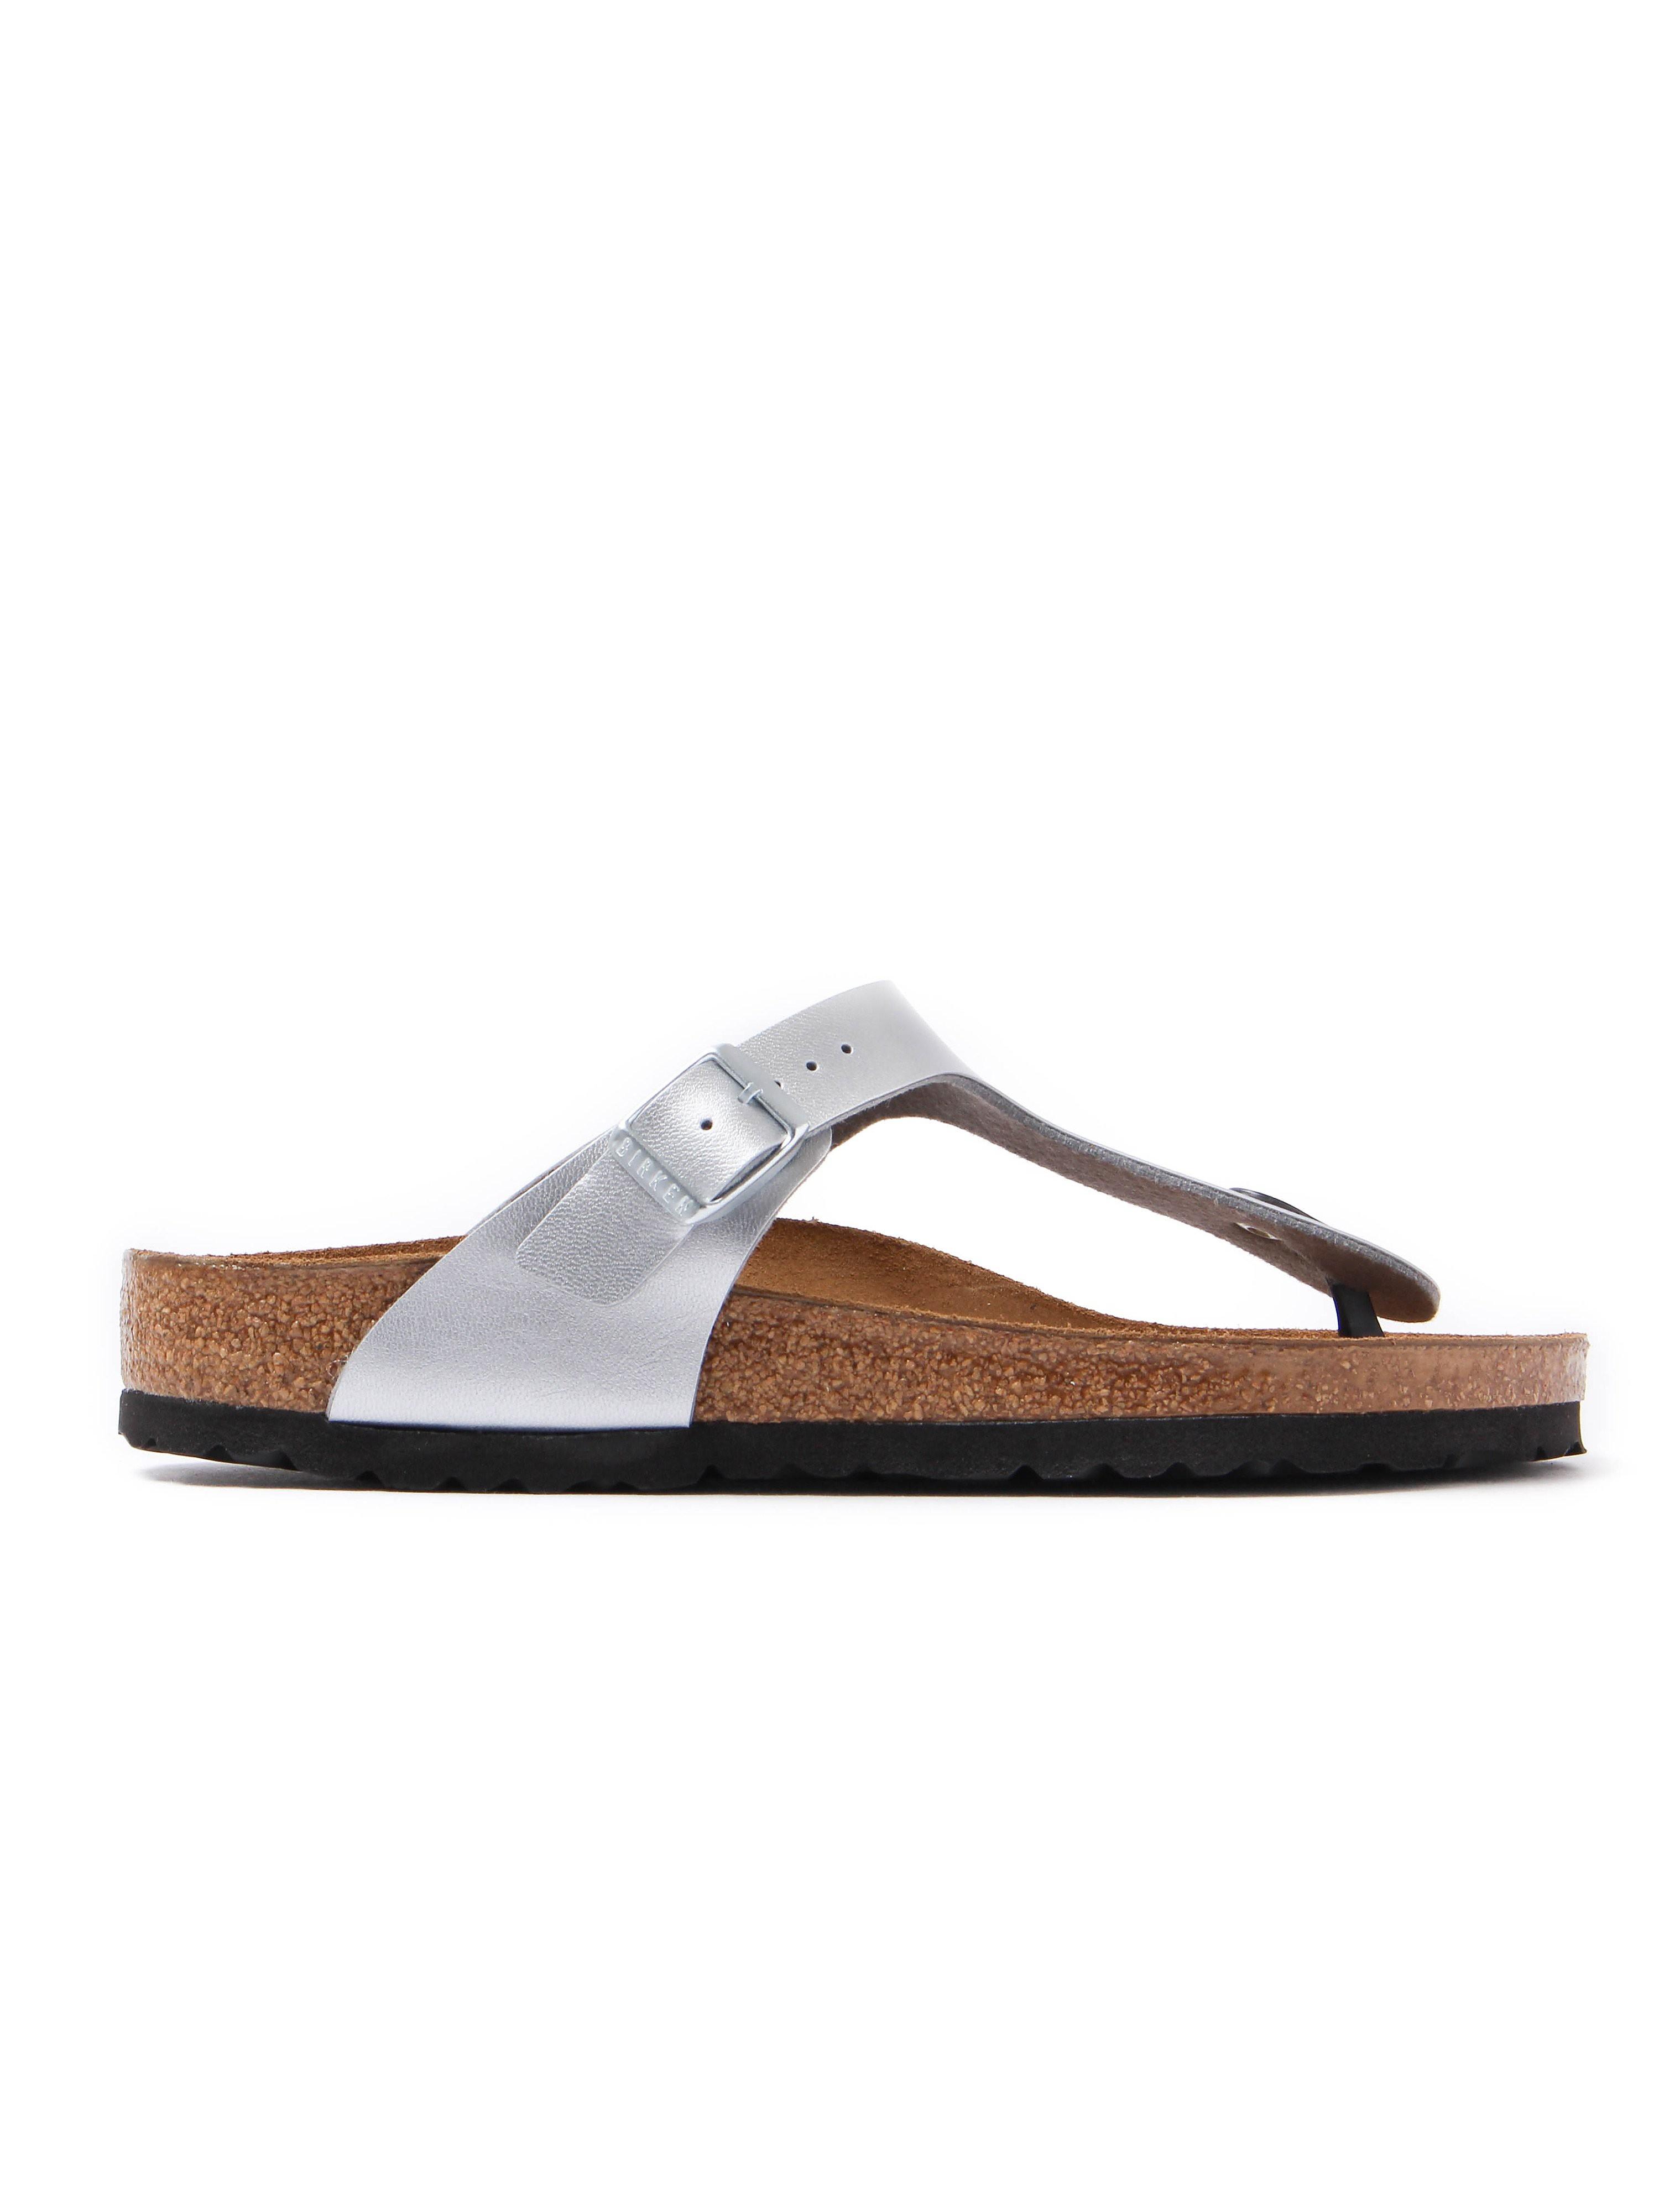 Birkenstock Women's Gizeh Toe Strap Birko-Flor Sandals - Silver